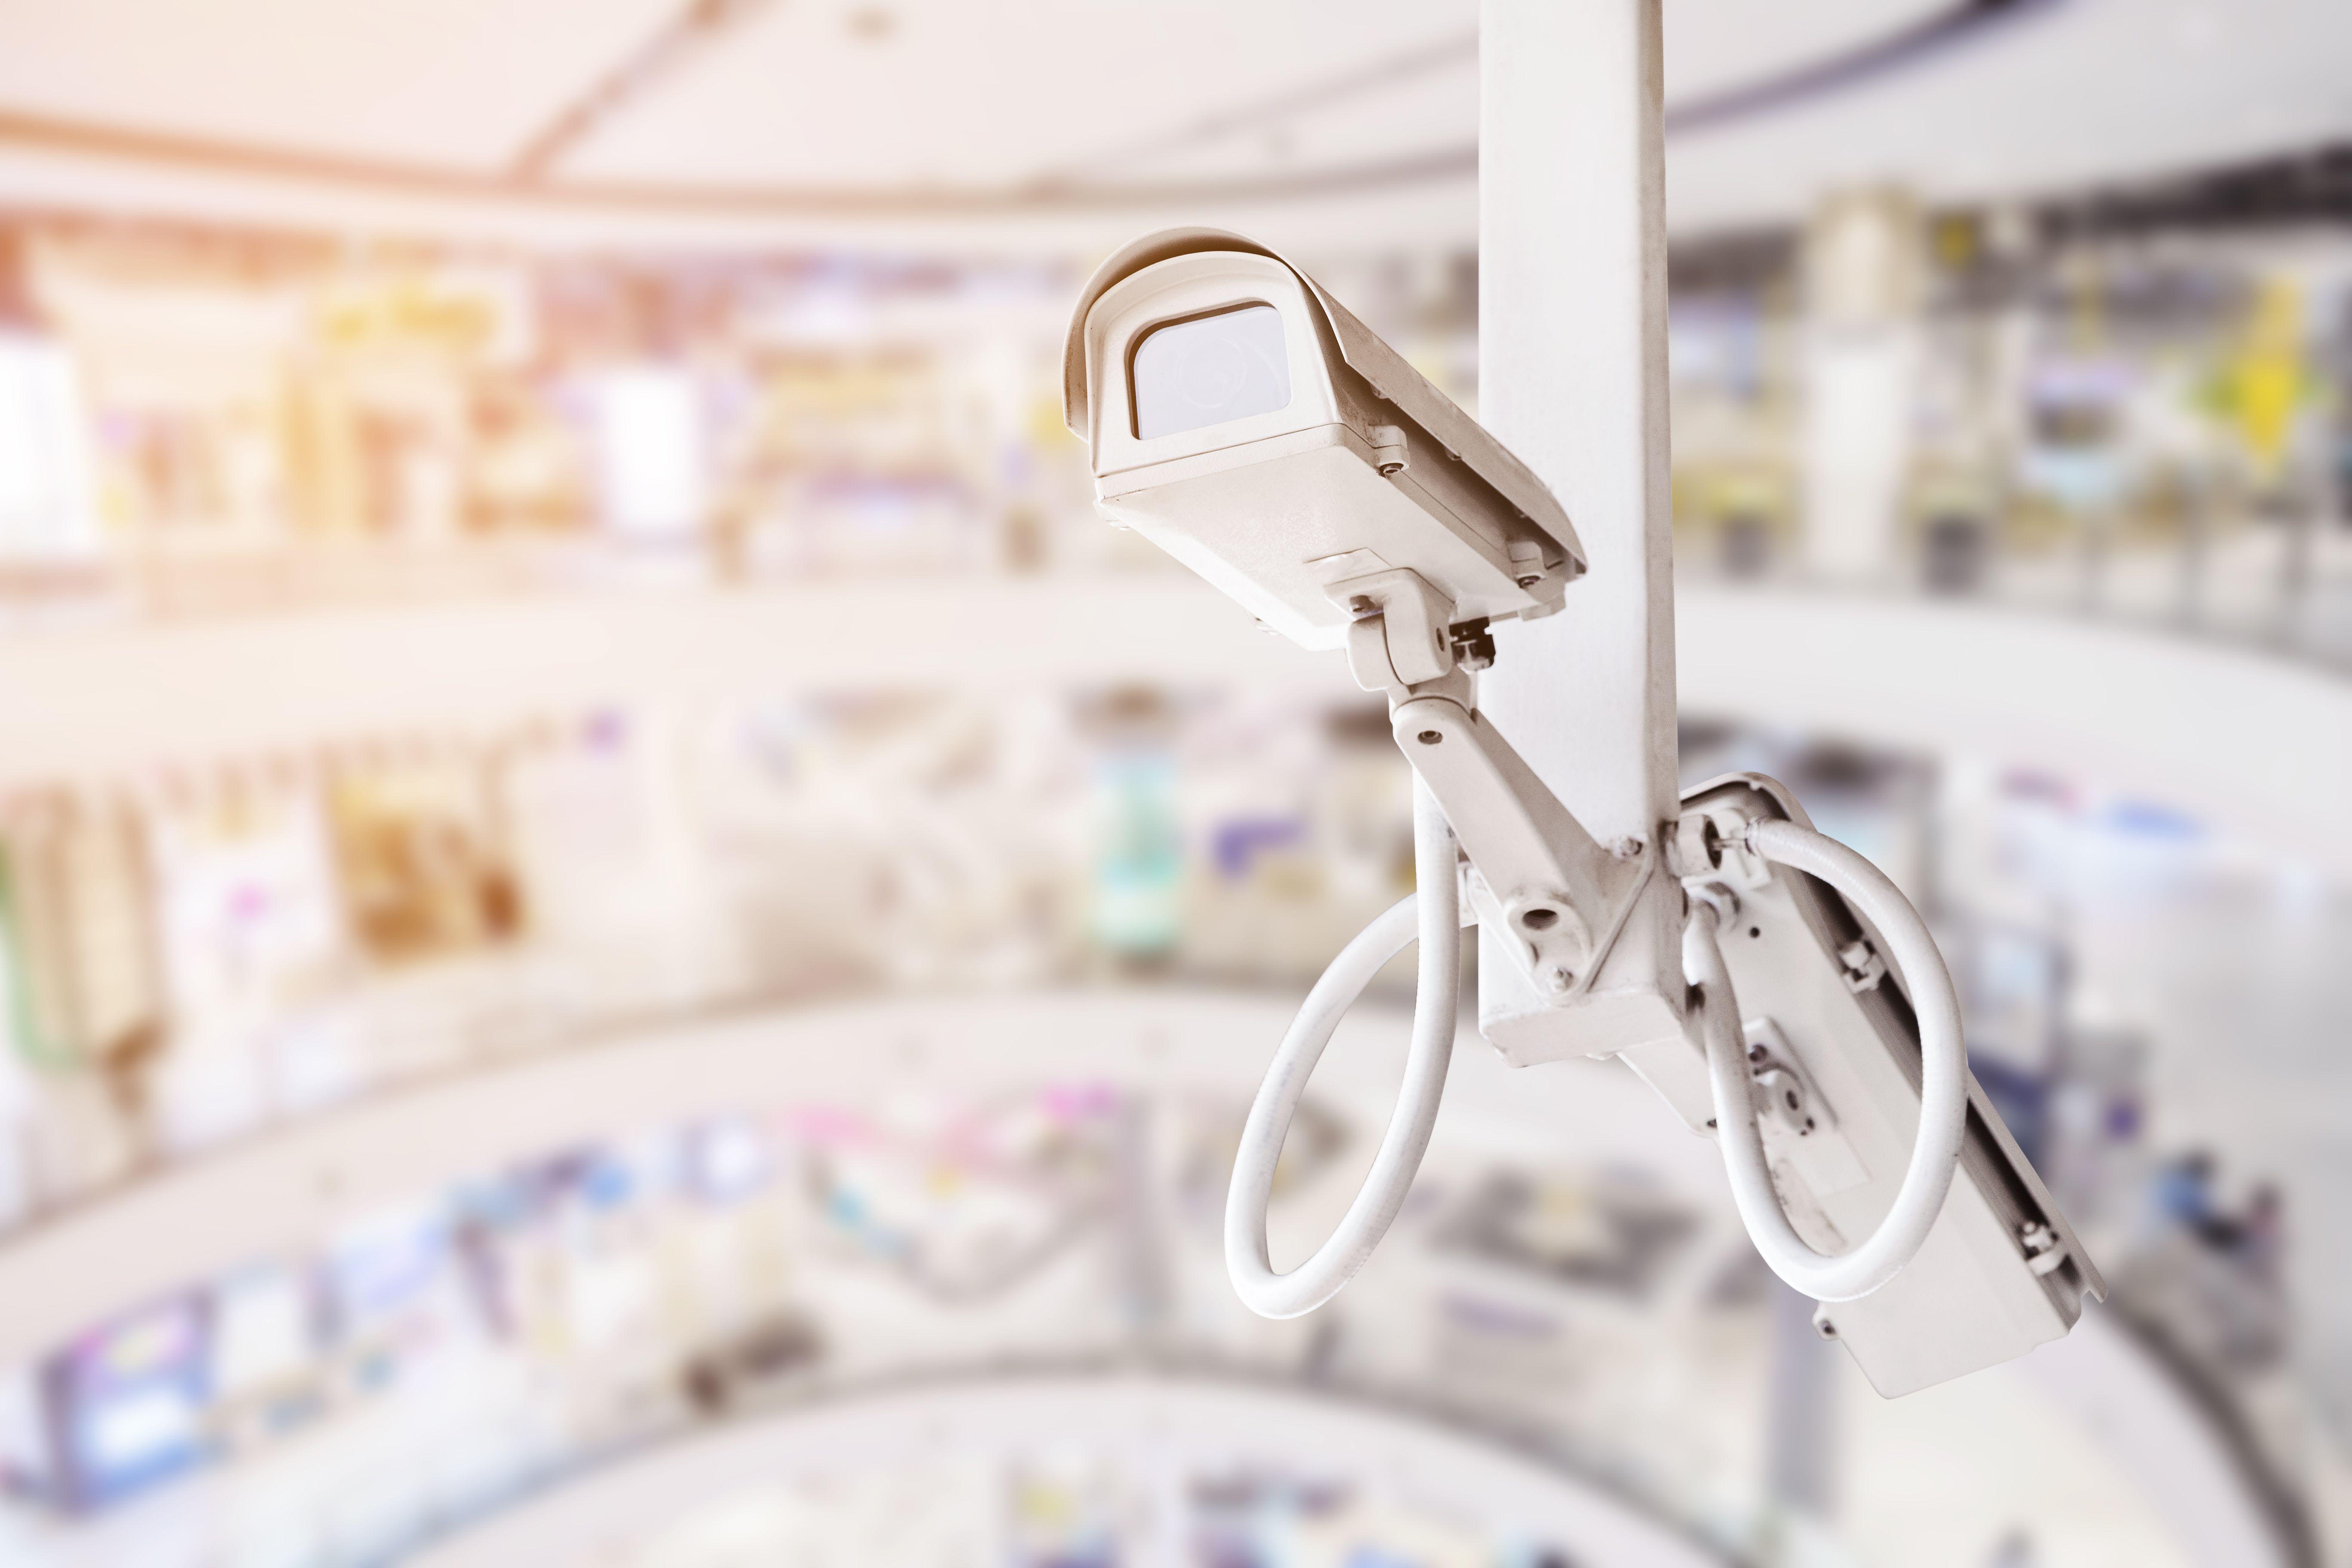 MEGLER: Tatt for å stjele i butikken? Da kan det hende at du kan møte butikken i et konfliktråd og unngå merknader på rullebladet